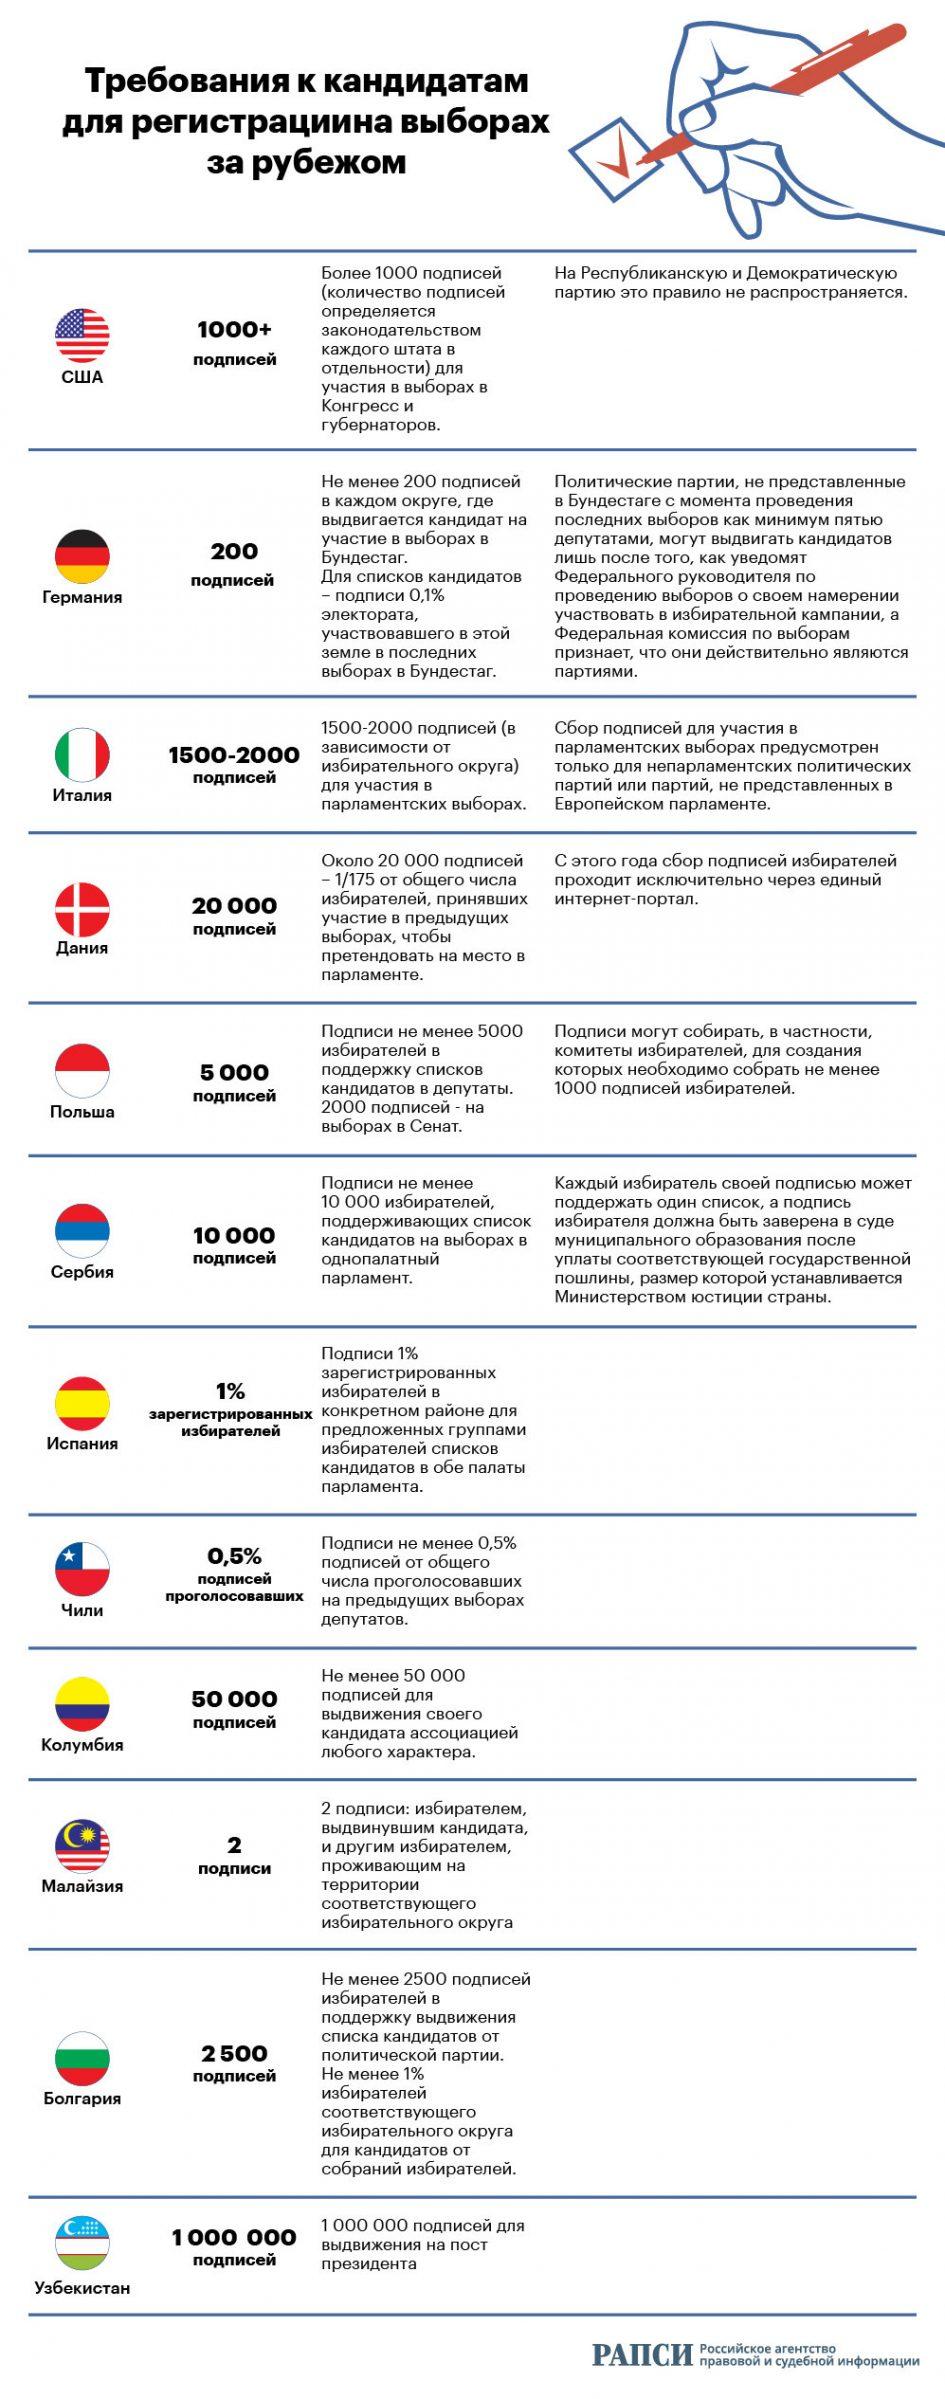 «Сколько подписей нужно собрать кандидатам в разных странах» от rapsinews.ru